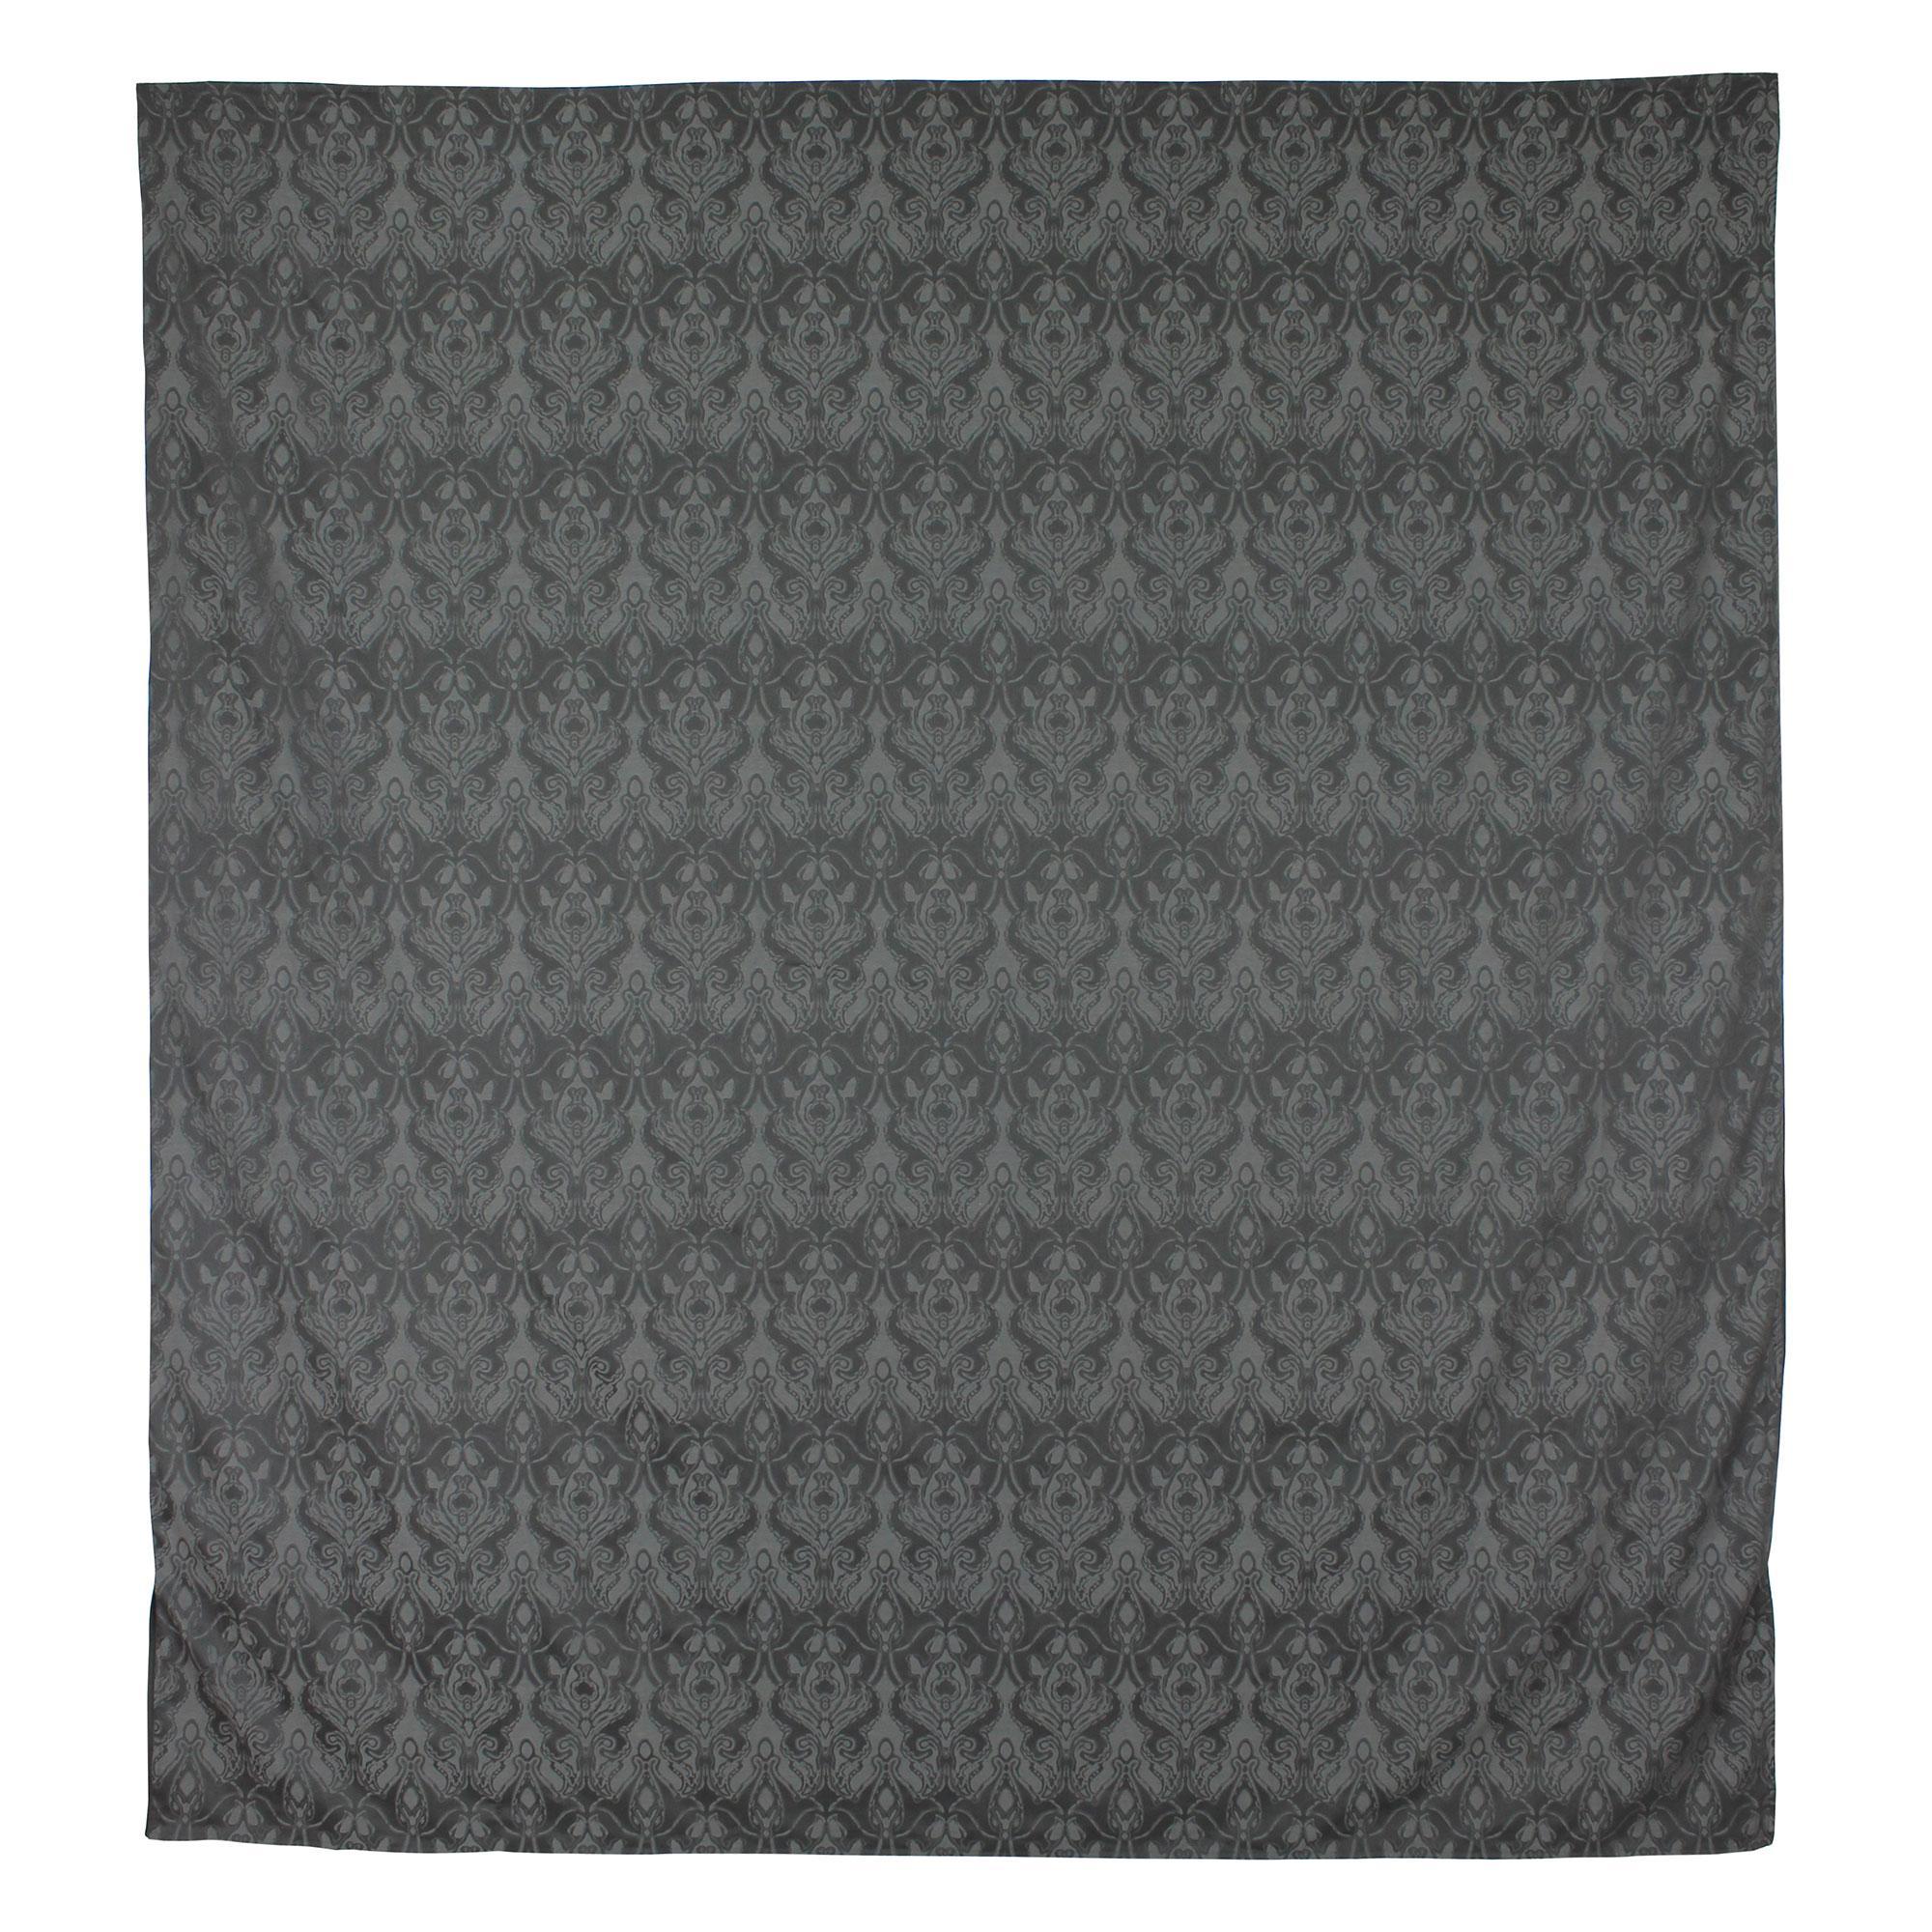 Housse de couette 280x240 satin de coton vosges gris fonc ebay - Housse de couette coton egyptien ...